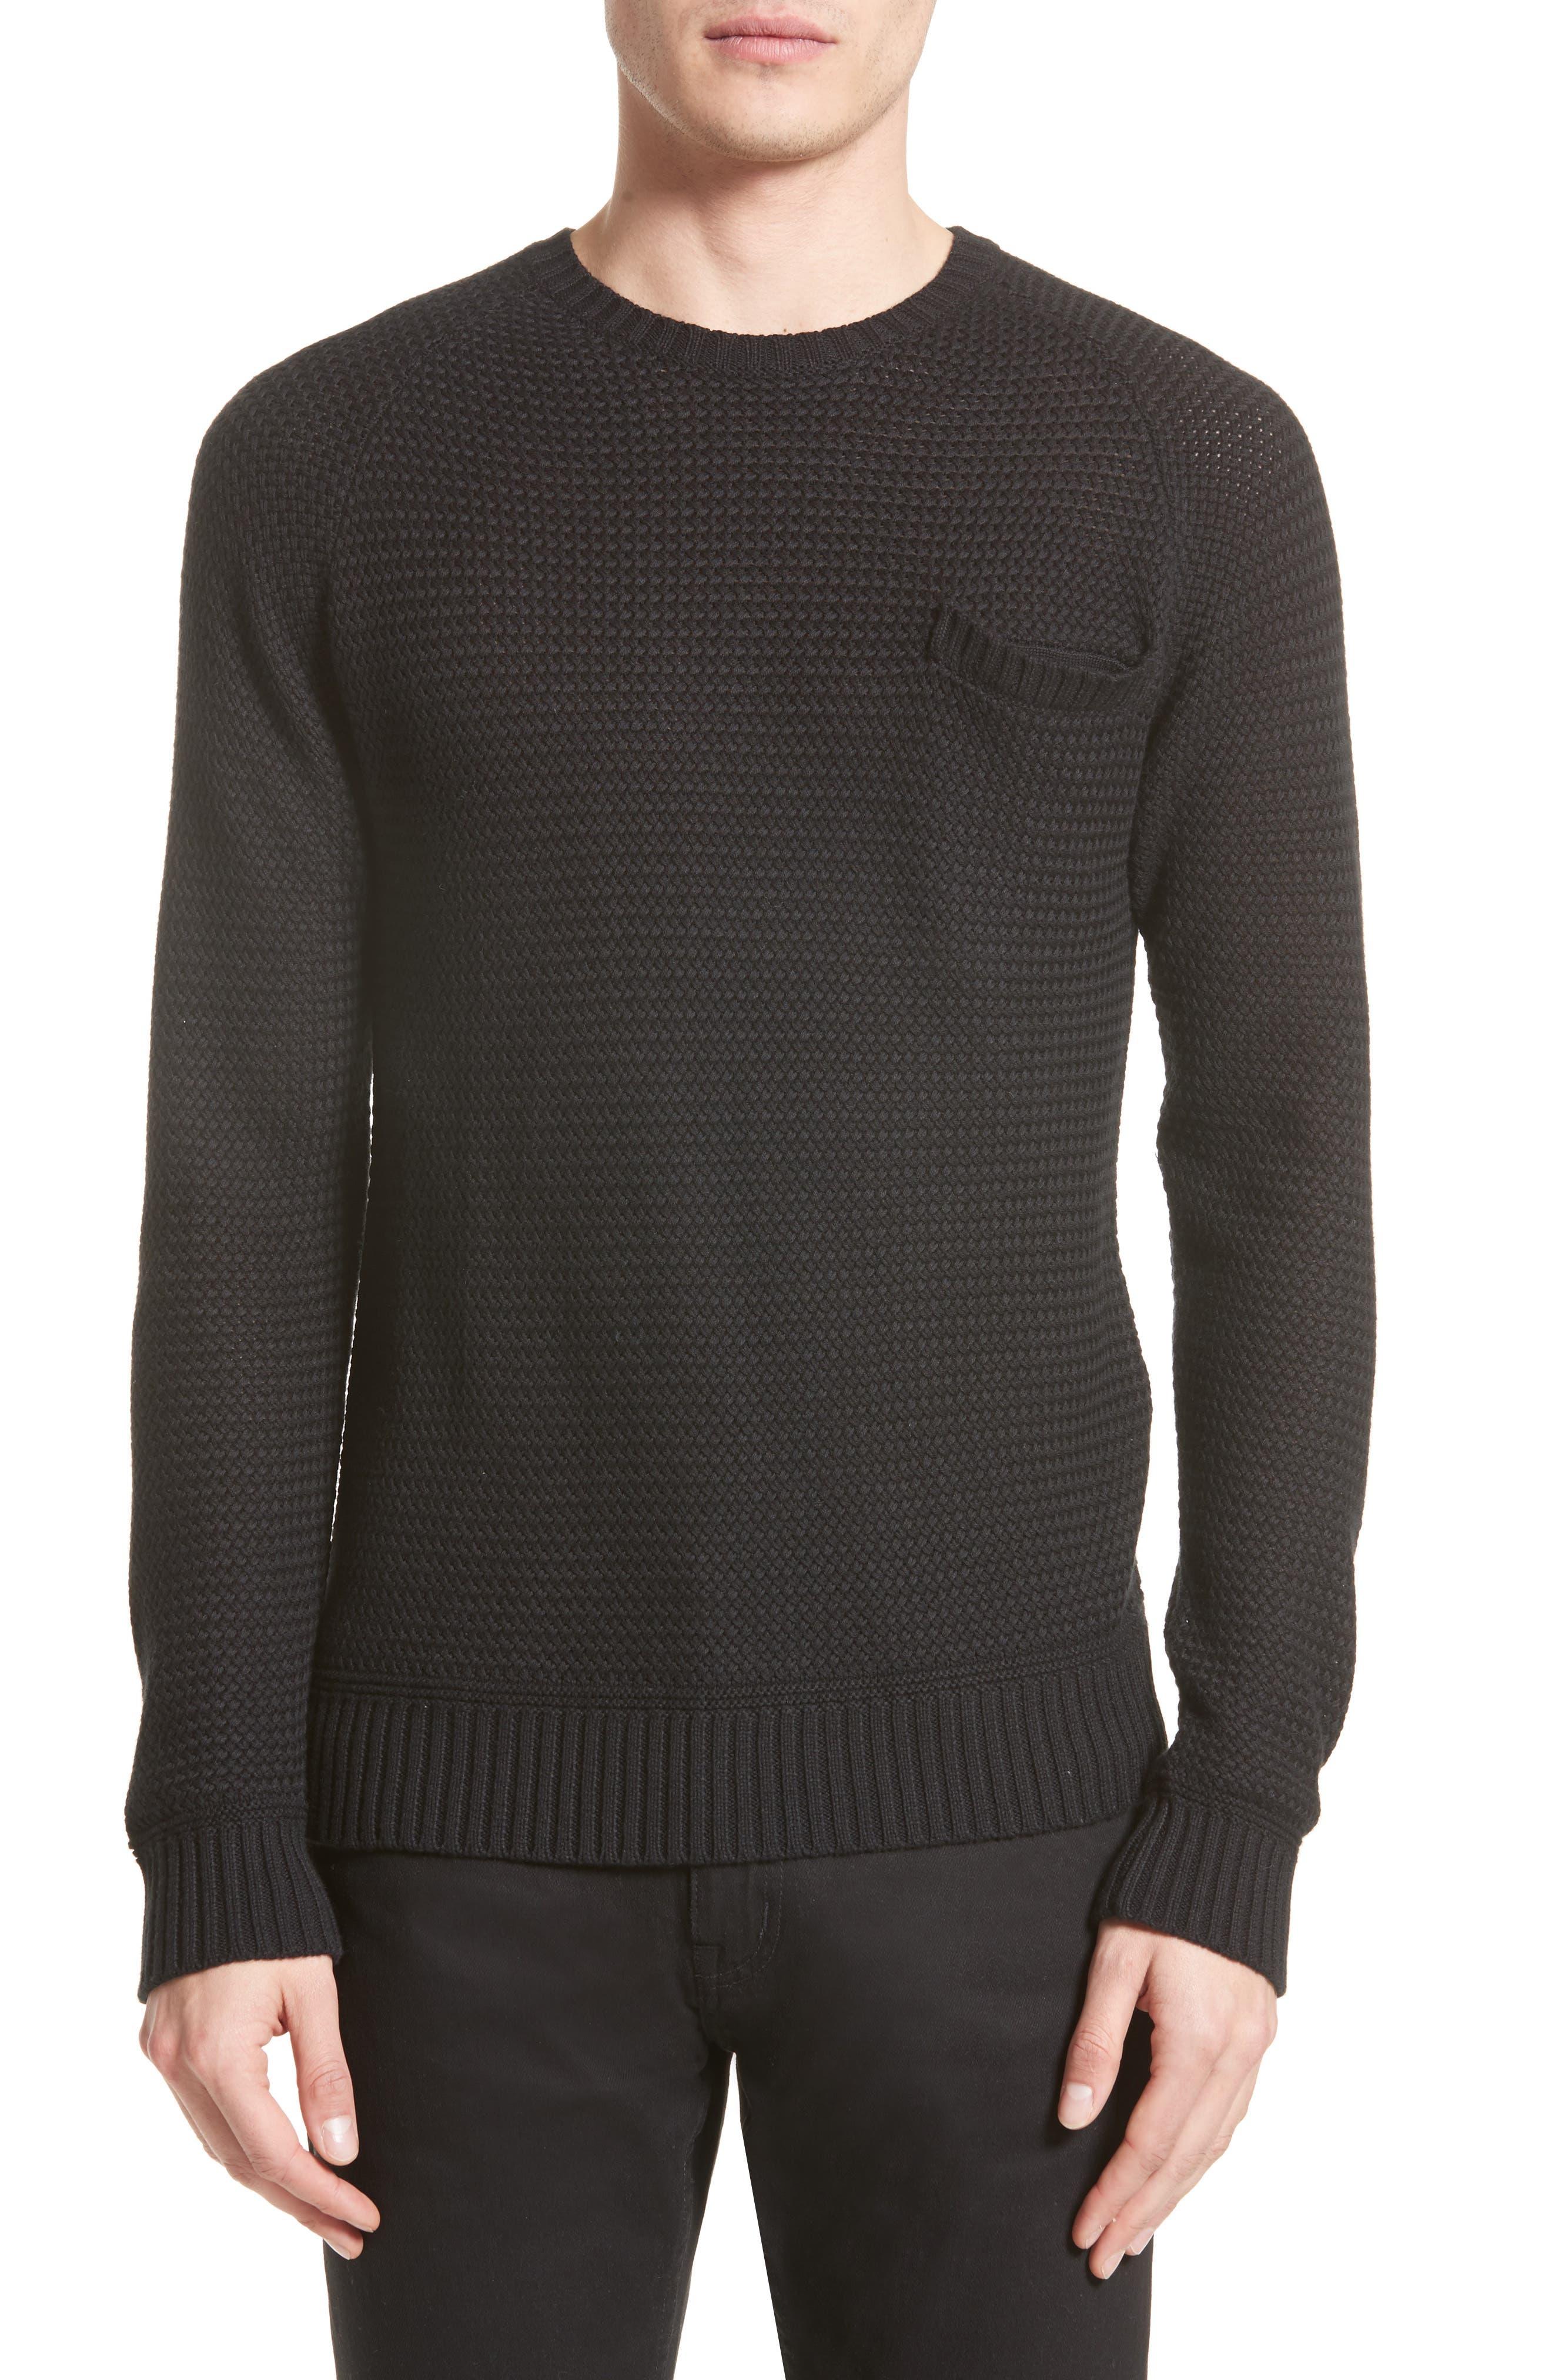 Saturdays NYC Keith Sweater